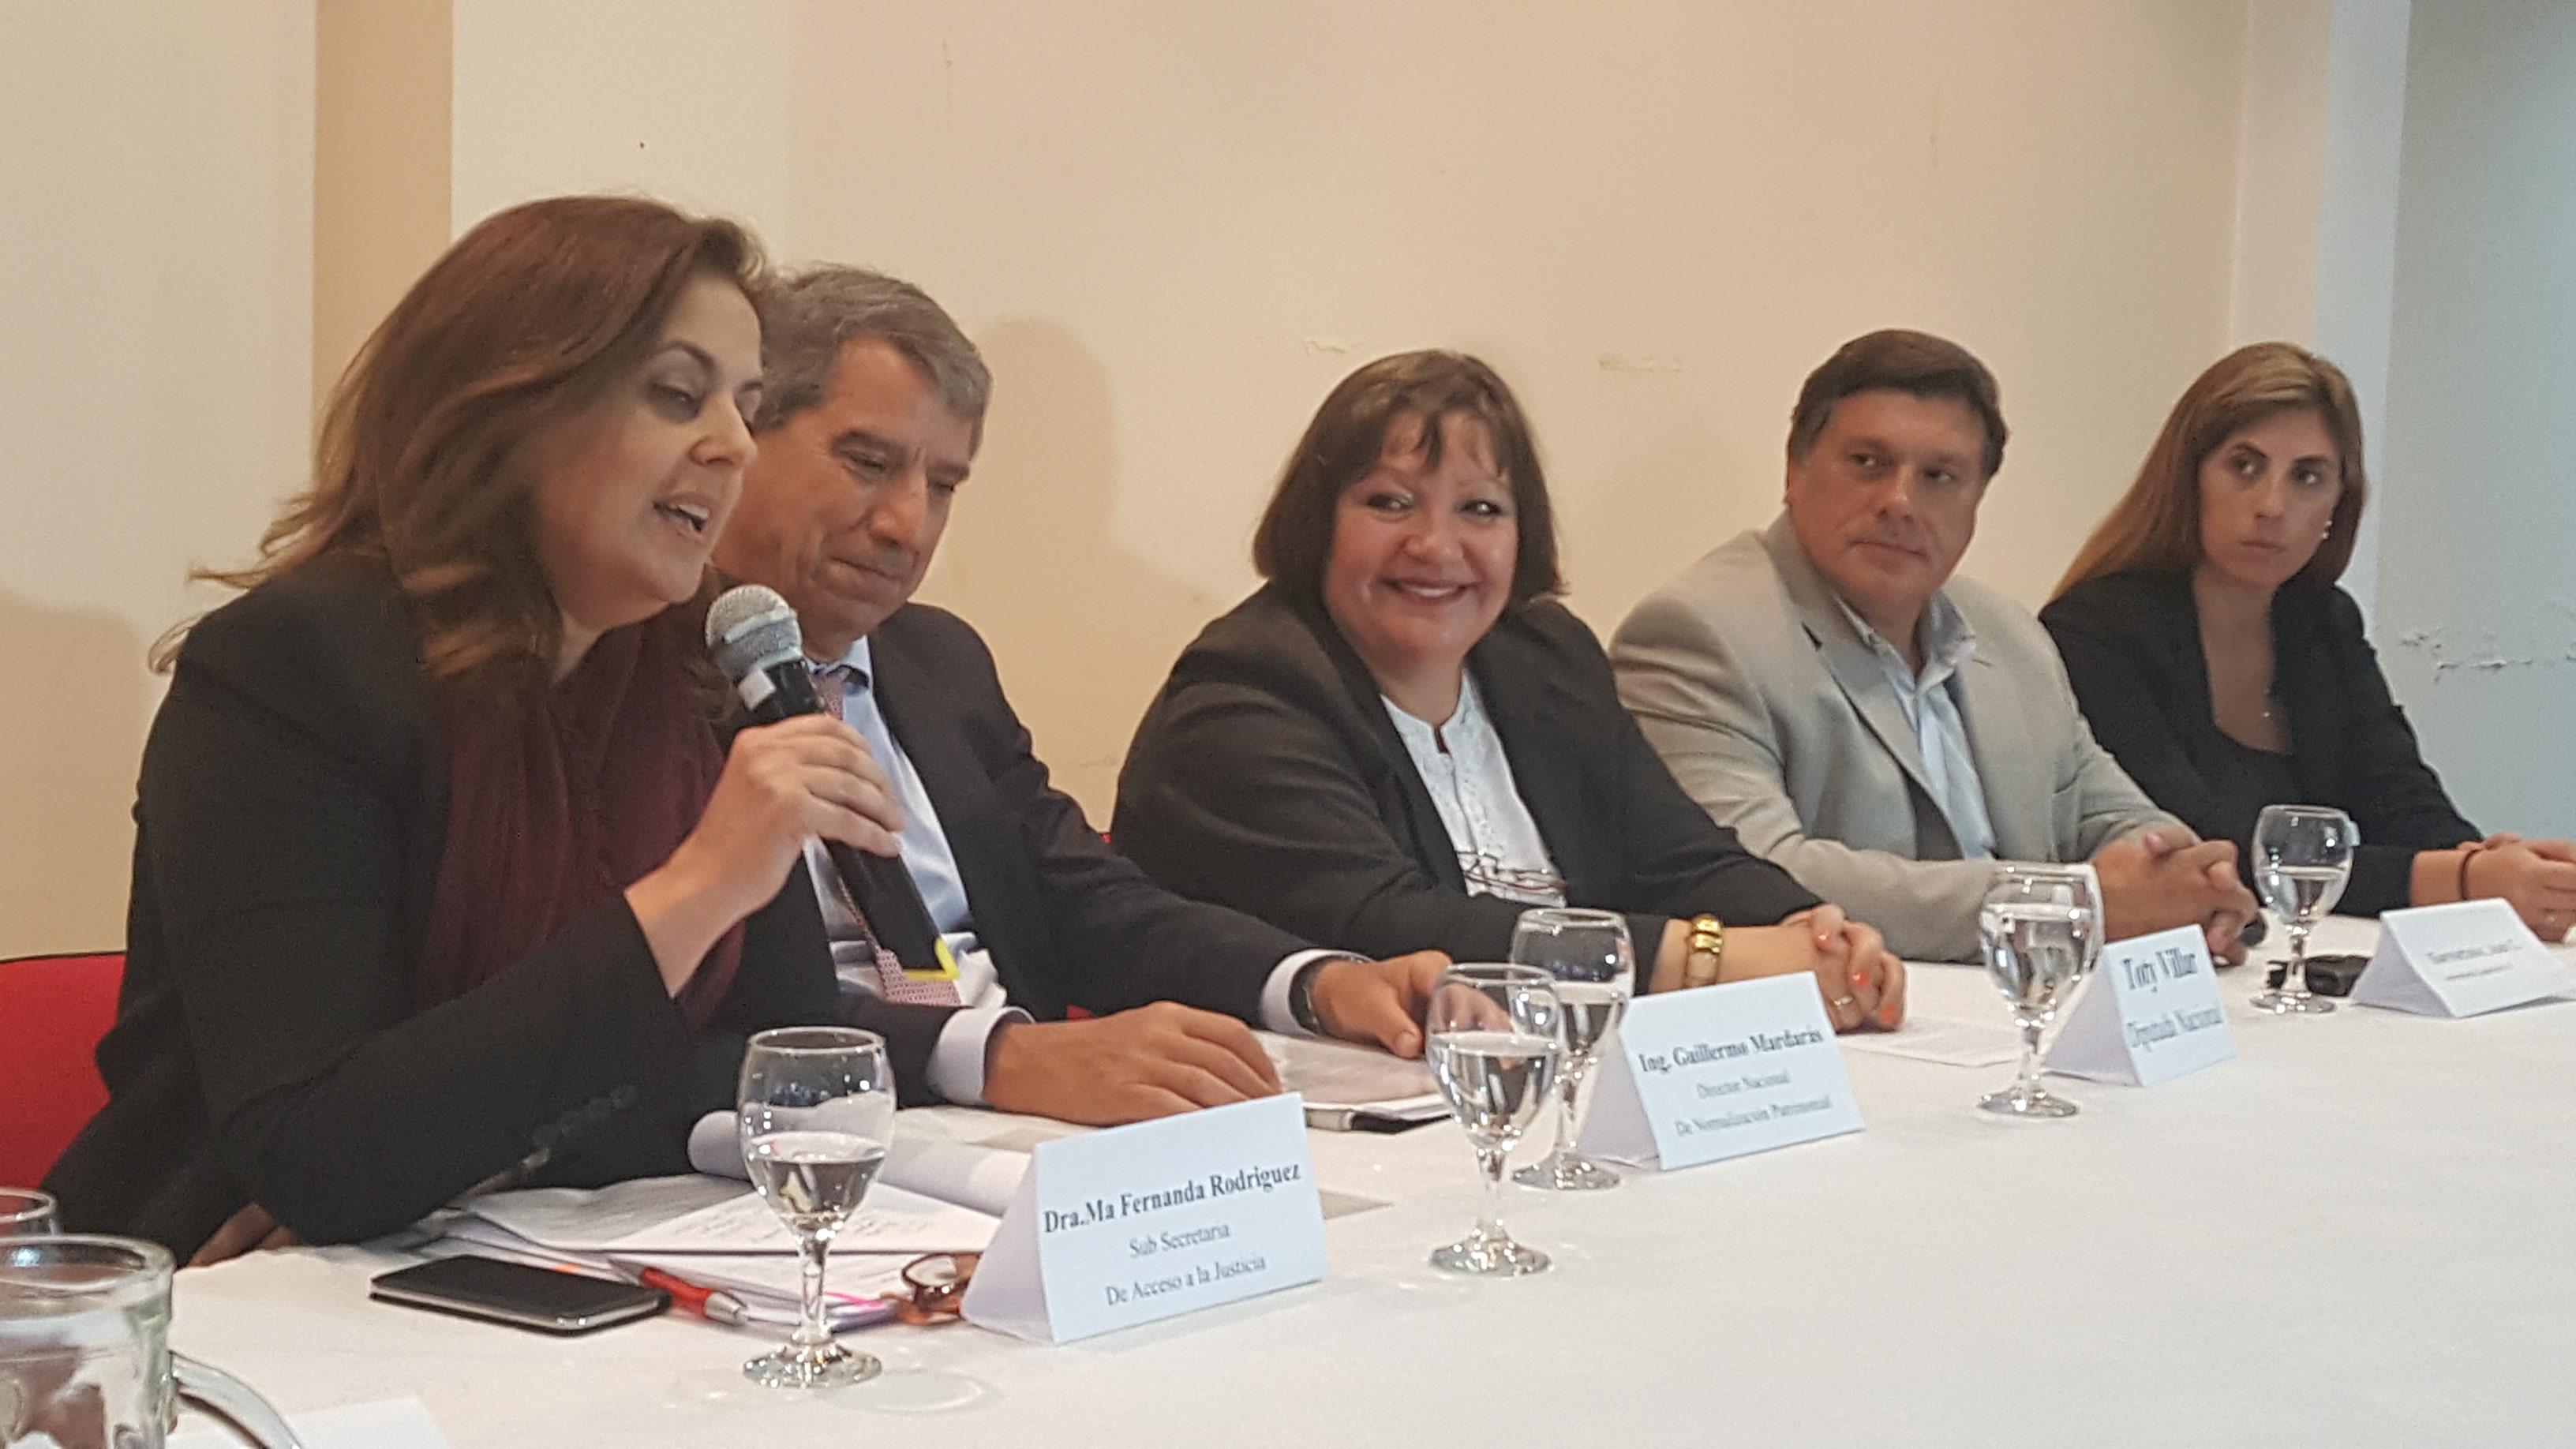 El Ministerio brindará asesoramiento en Neuquén a ex trabajadores de YPF sobre trámite indemnizatorio